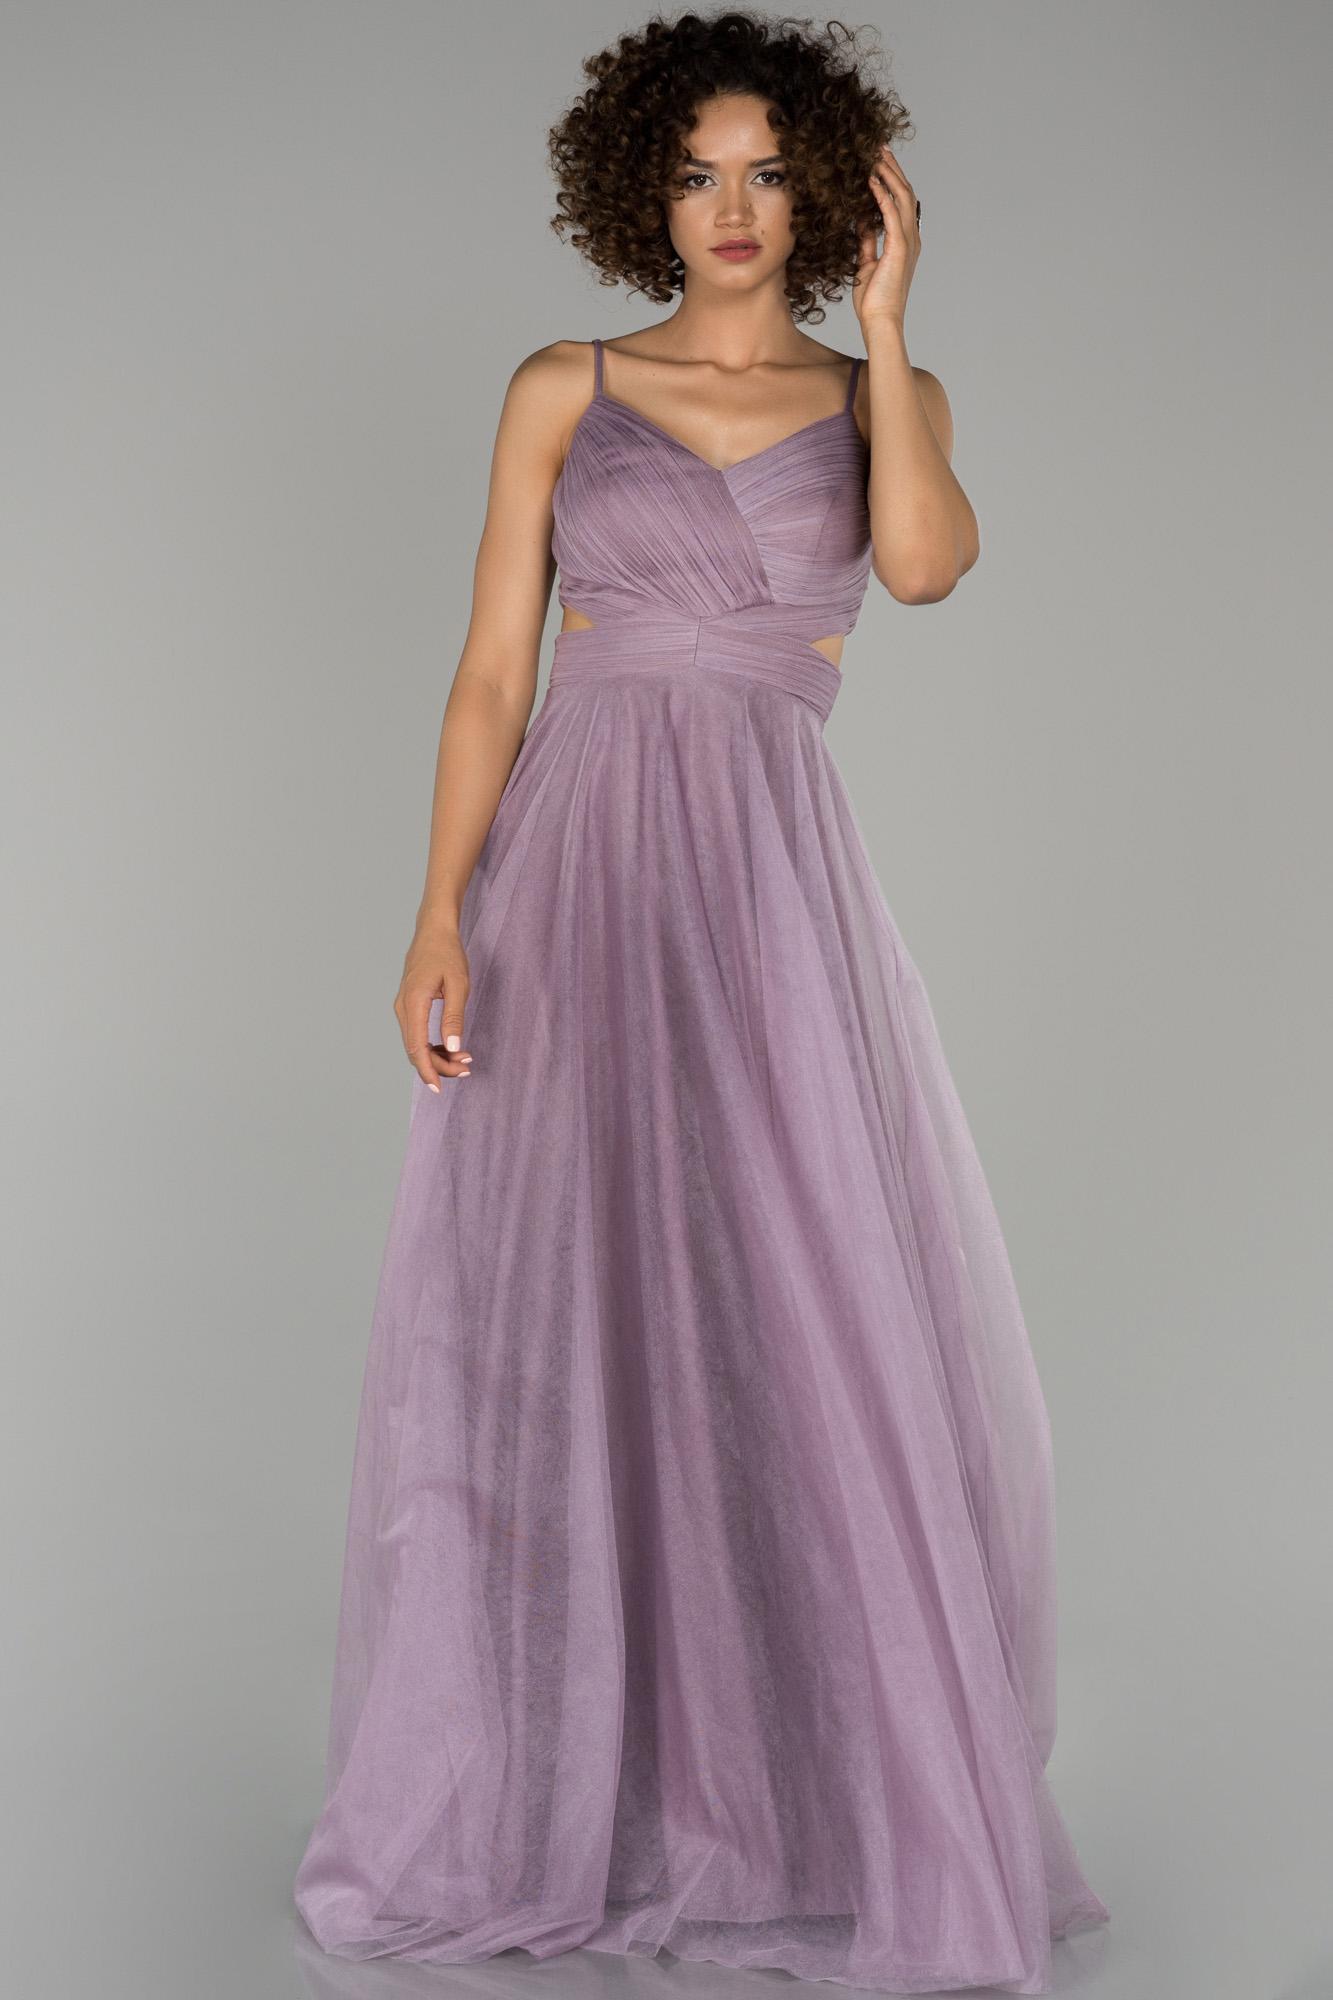 Lavanta Uzun Ip Askılı Tüllü Abiye Elbise